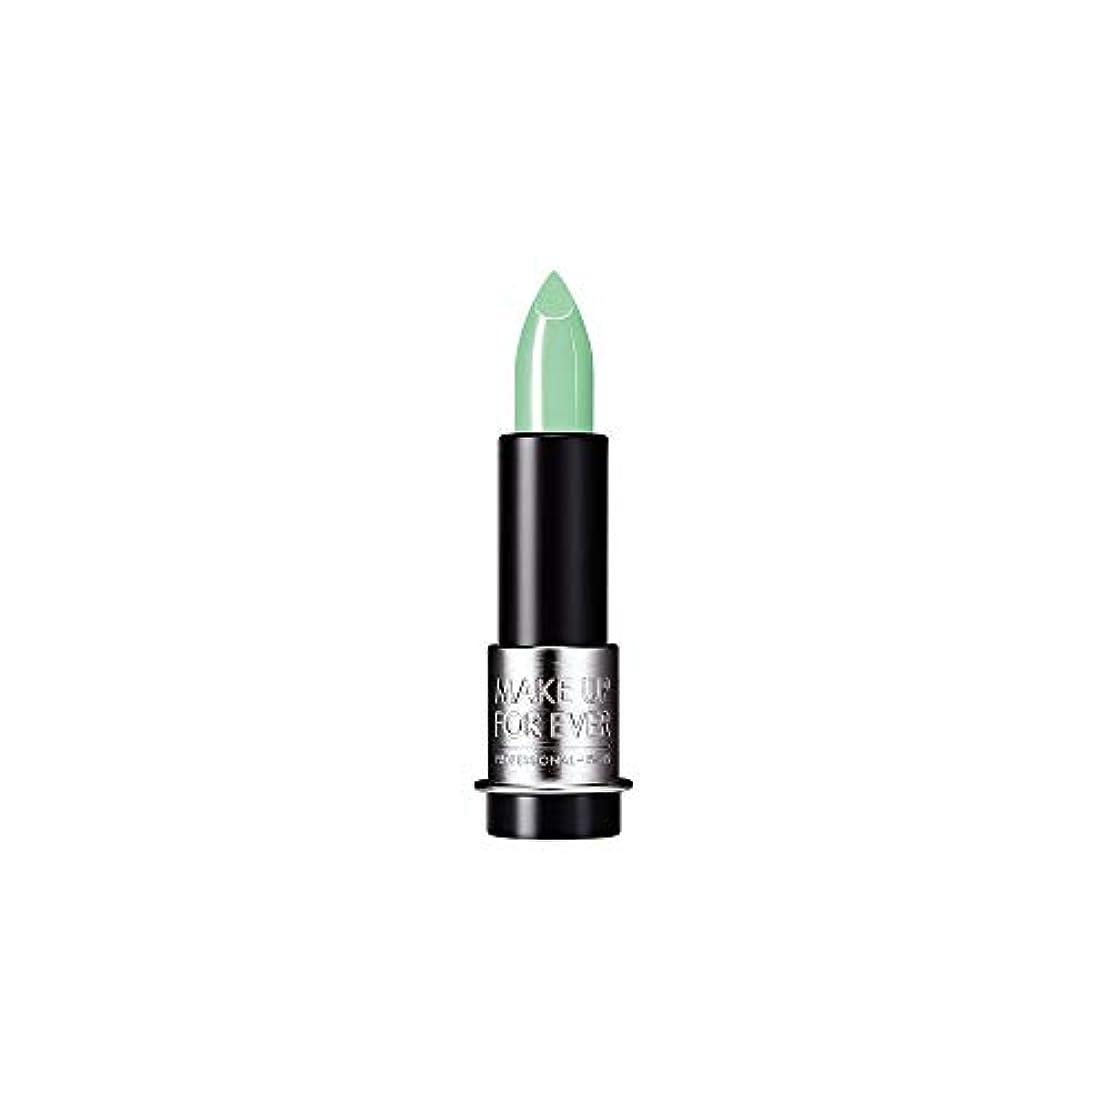 引数調和のとれた蒸留する[MAKE UP FOR EVER] これまでアーティストルージュクリーム口紅3.5グラムのC601を補う - ピーコックグリーン - MAKE UP FOR EVER Artist Rouge Creme Lipstick...